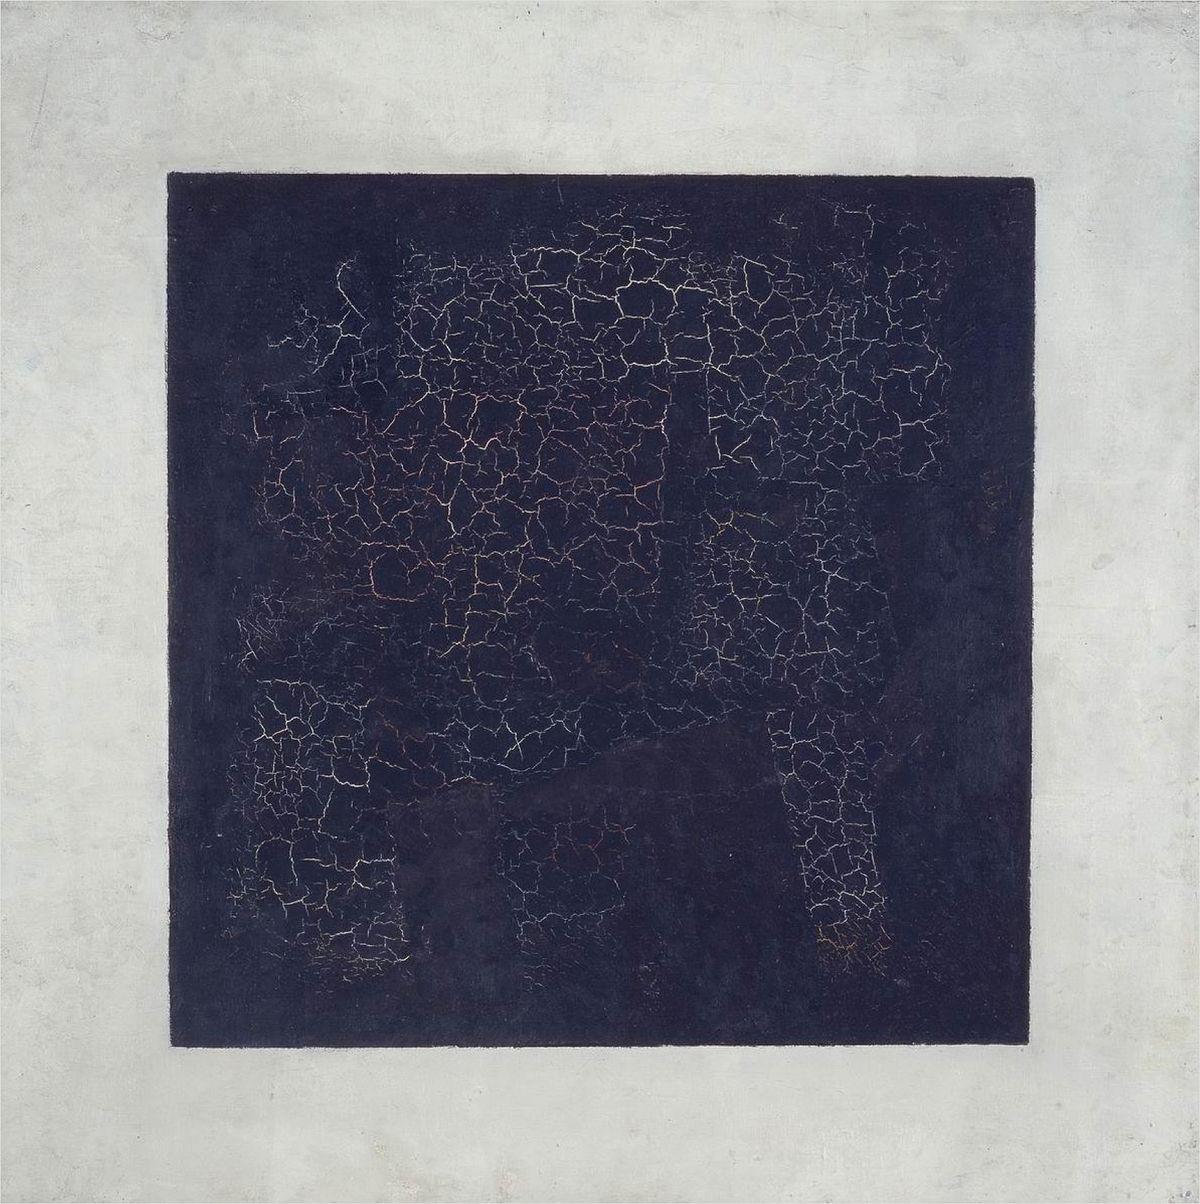 Kazimerz malevich - Black Square, 1915. image courtesy of tretyakov gallery, moscow